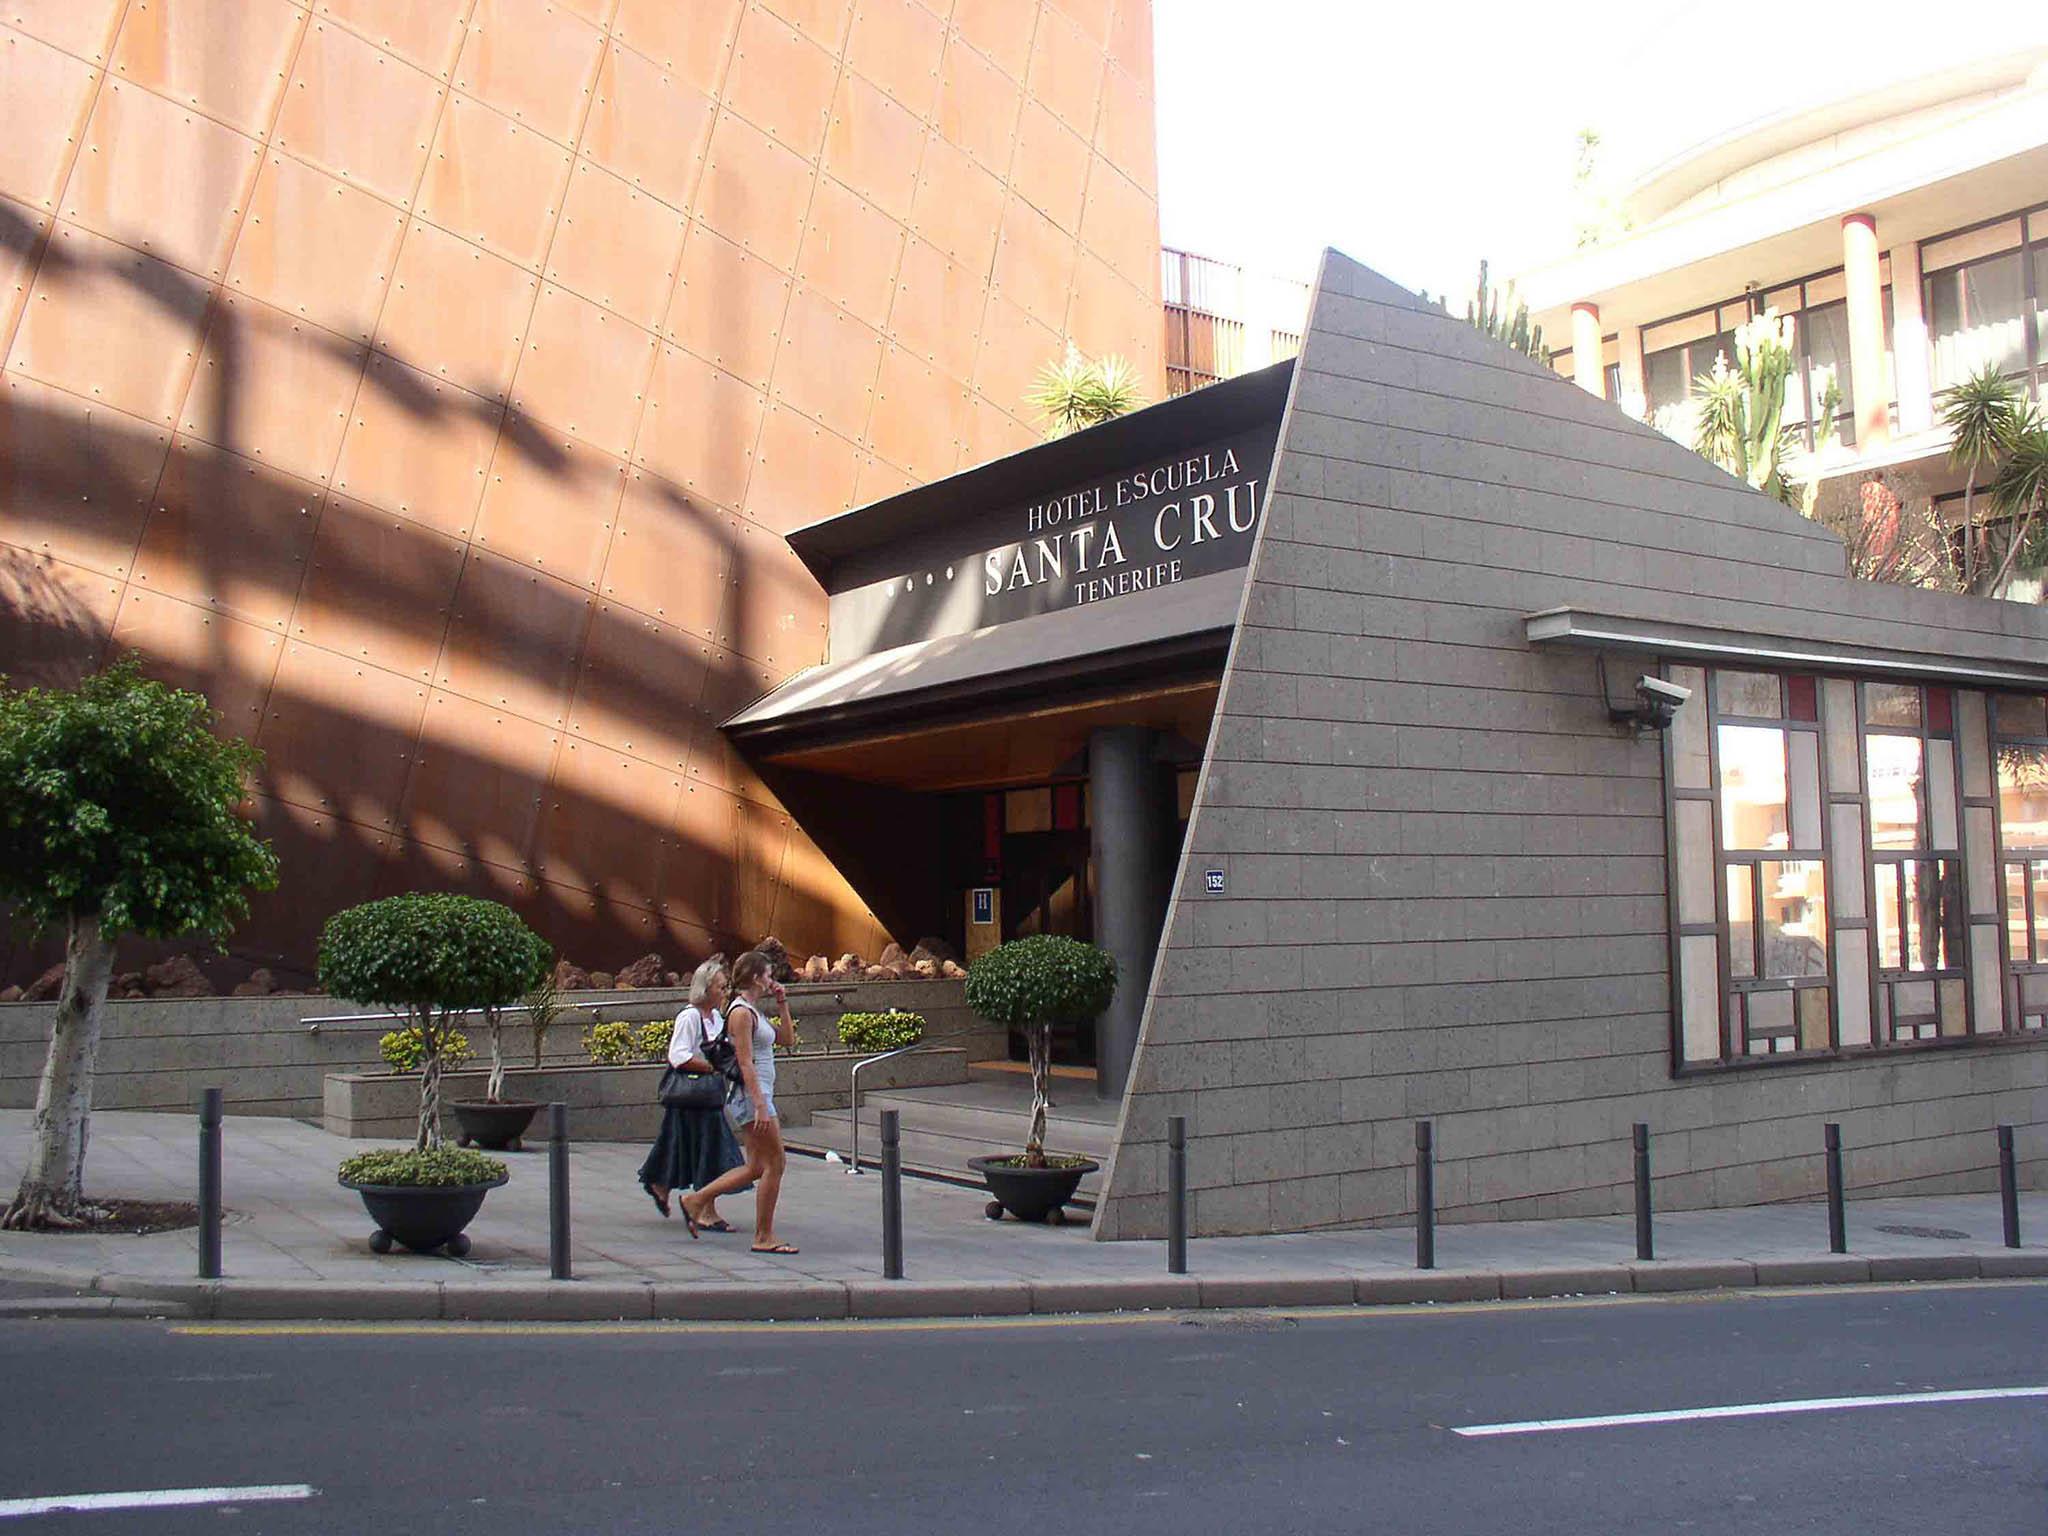 Curso De Cocina En Tenerife   Hotel In Santa Cruz De Tenerife Hotel Escuela Santa Cruz